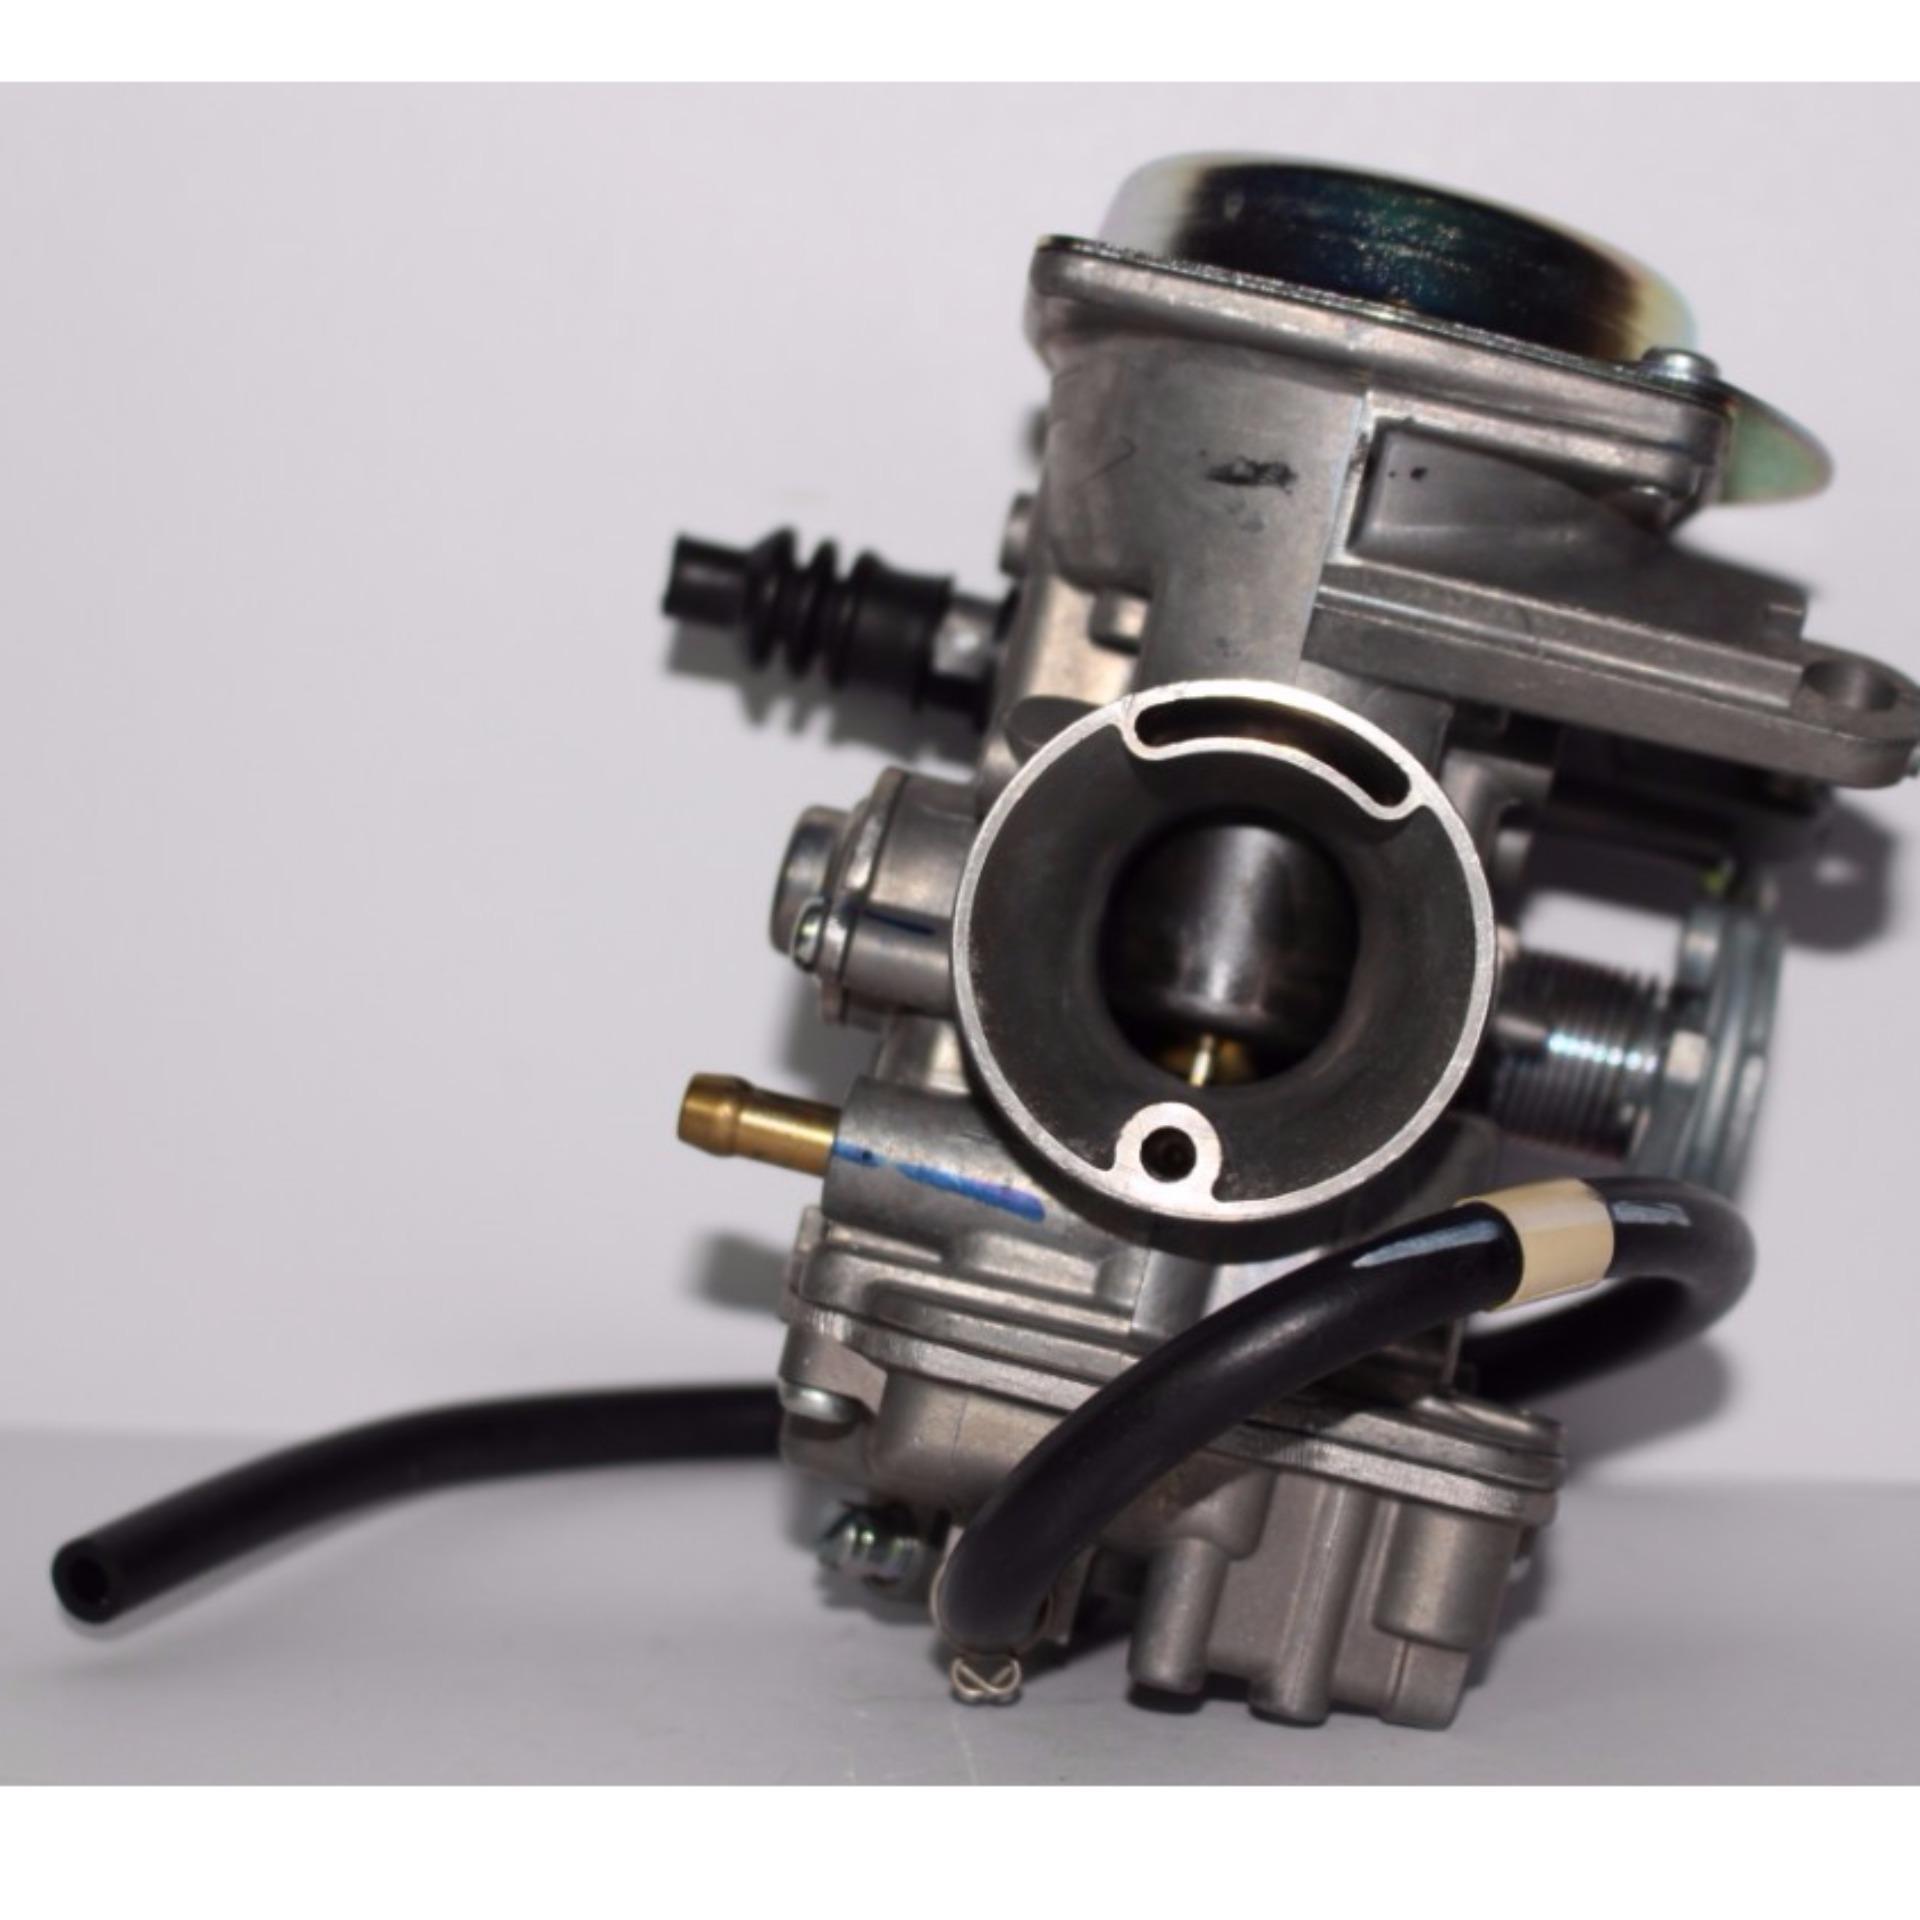 Spesifikasi Yamaha Ygp Carburetor Assy Karburator Mio Soul 14D E4901 03 Dan Harganya